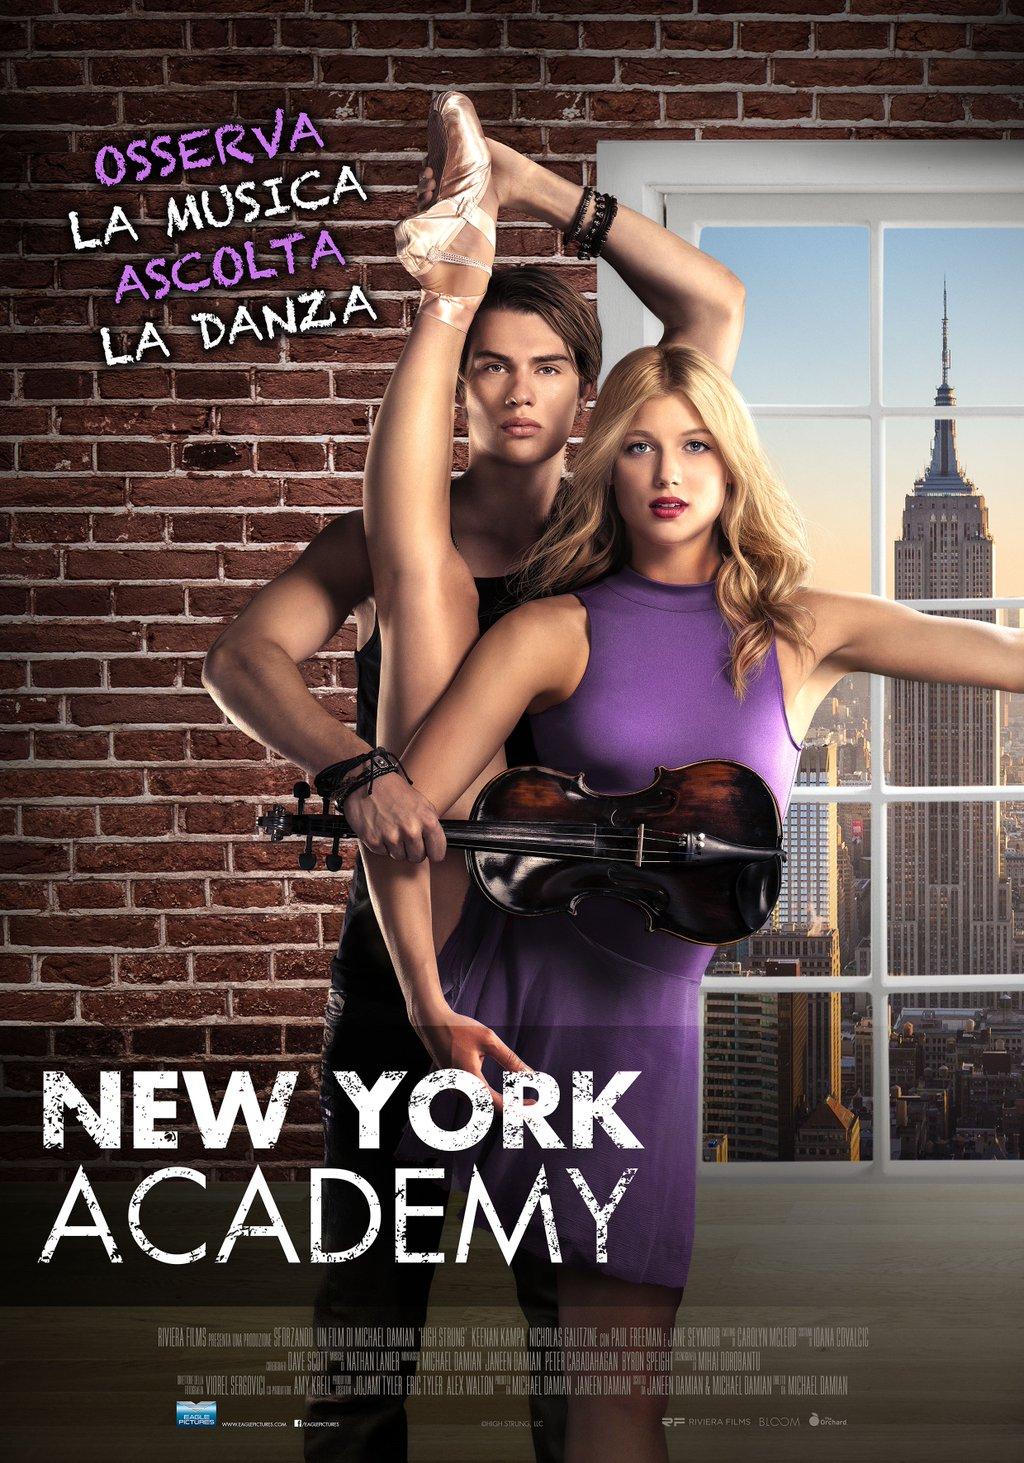 Risultati immagini per immagine di new york academy